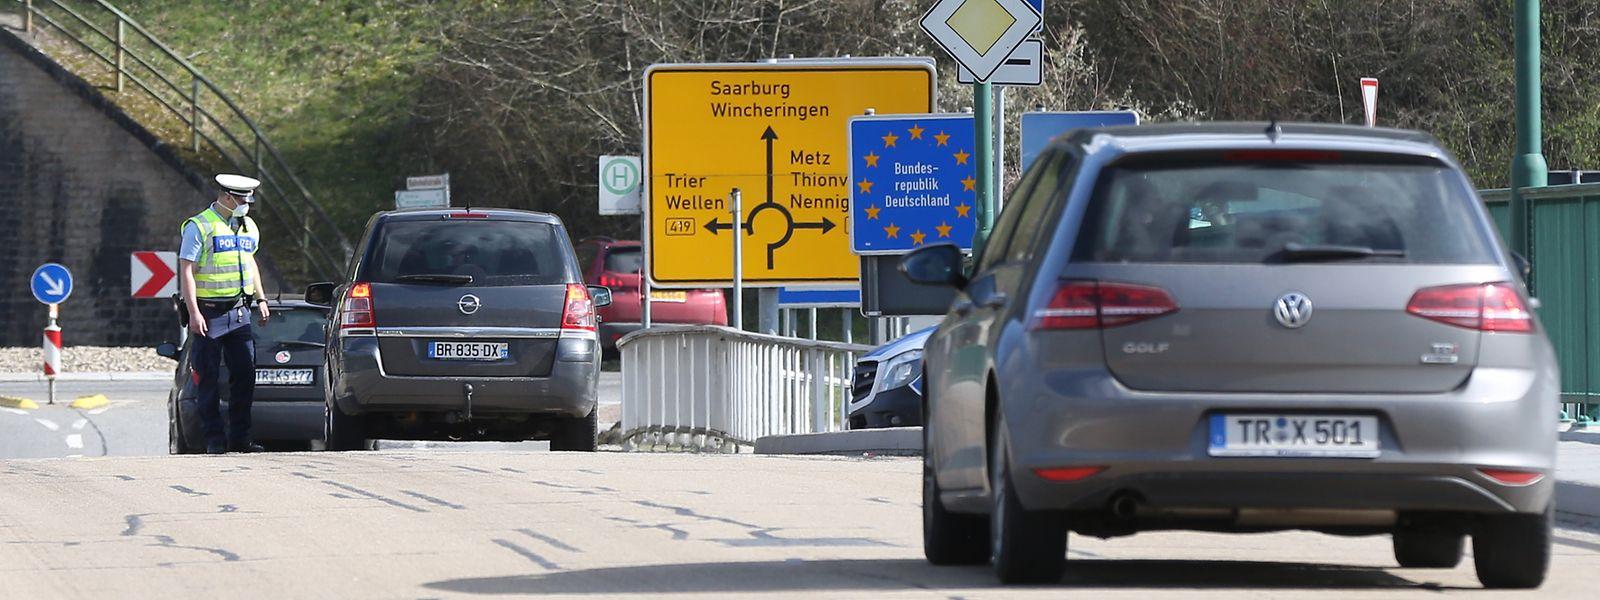 Kontrollen der deutschen Polizei am Freitag Vormittag beim Grenzübergang in Wormeldingen.